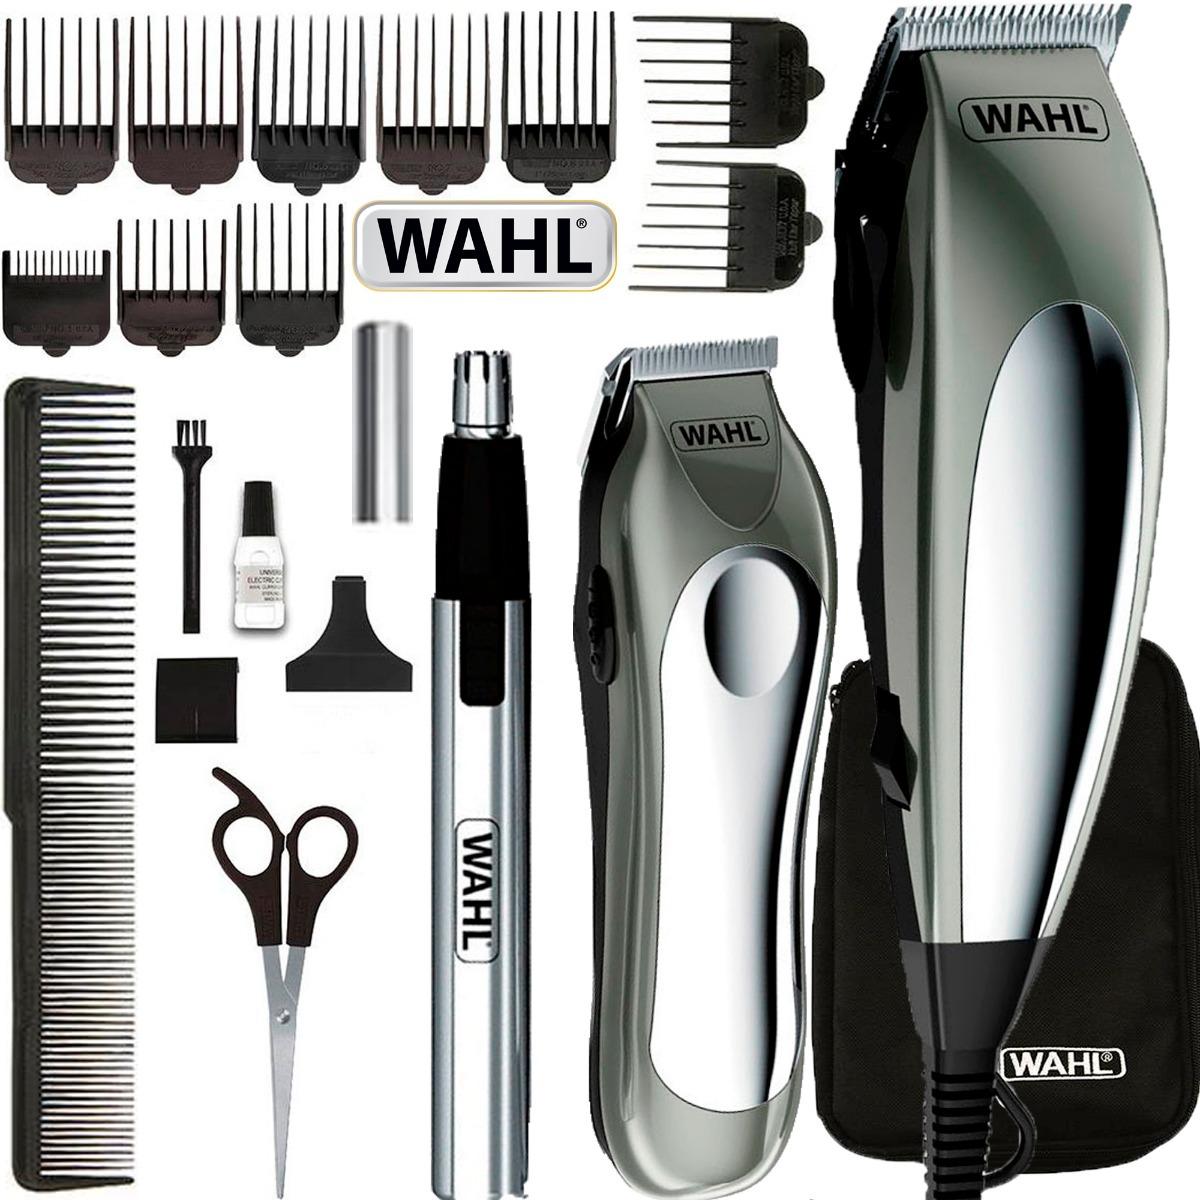 1b5216c5f maquina de corte cabelo wahl barba orelha nariz groom pro. Carregando zoom.